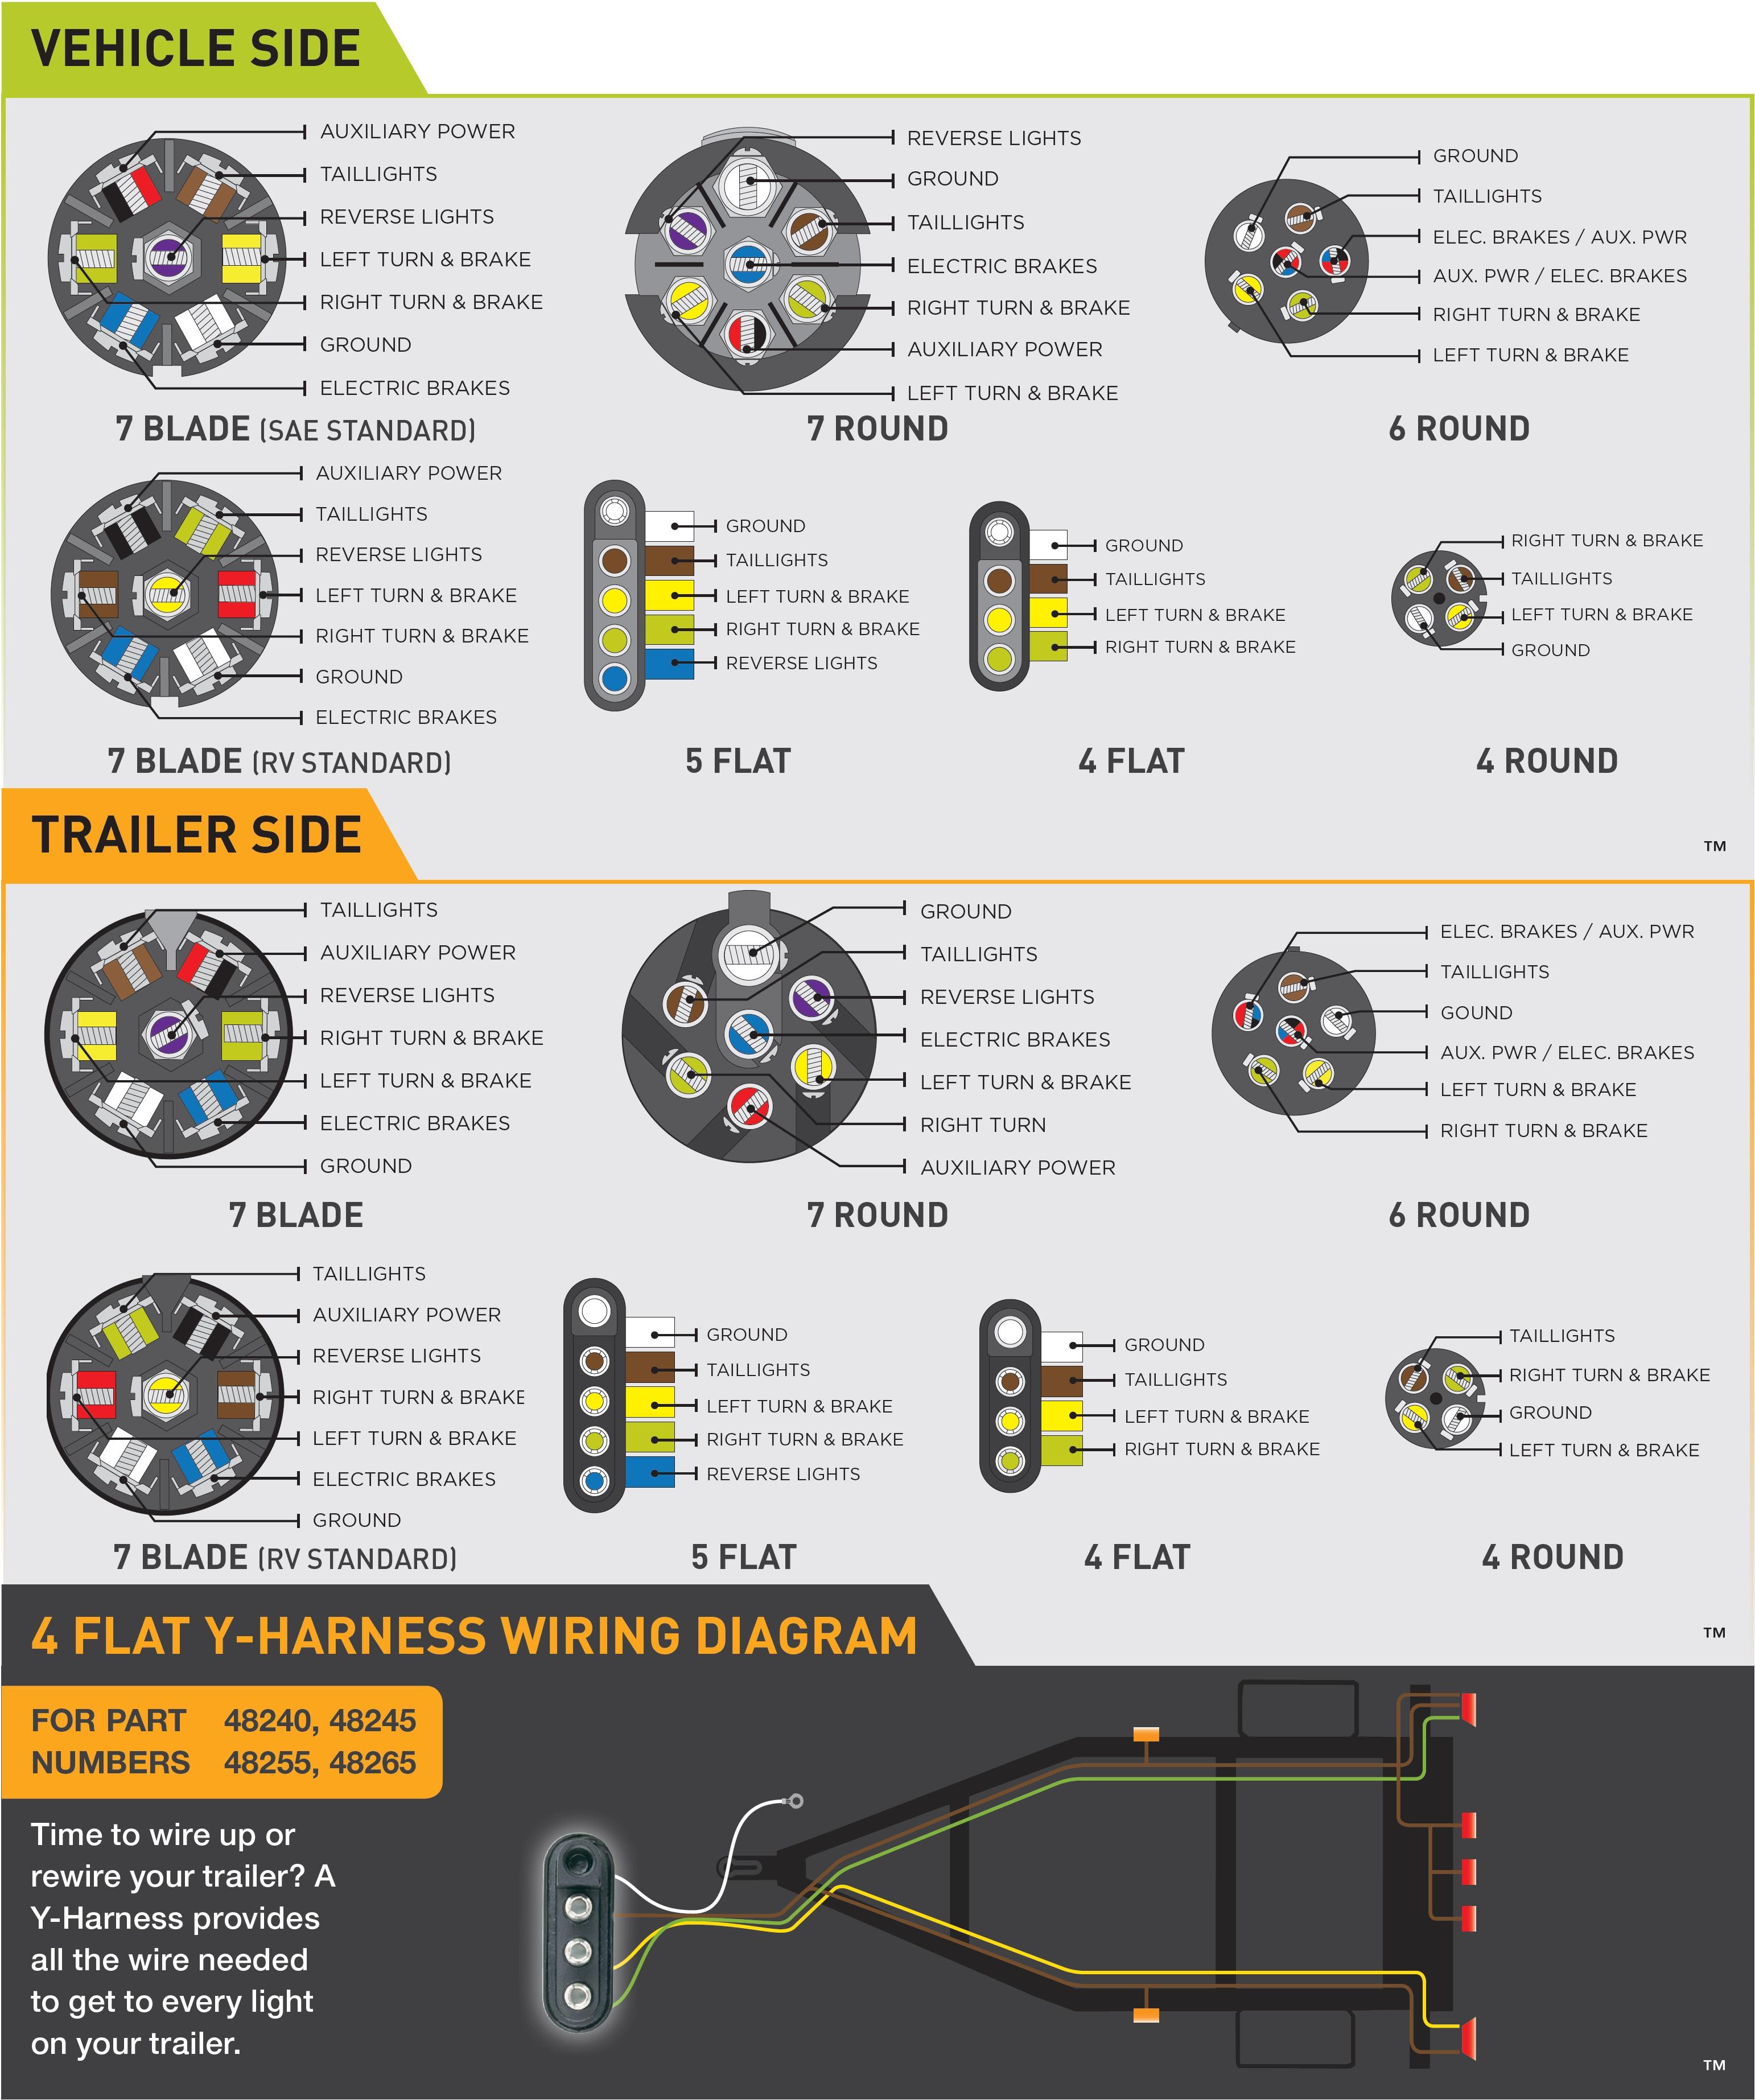 7 Blade Trailer Wiring Diagram - Wiring Diagrams Hubs - Utility Trailer Wiring Diagram